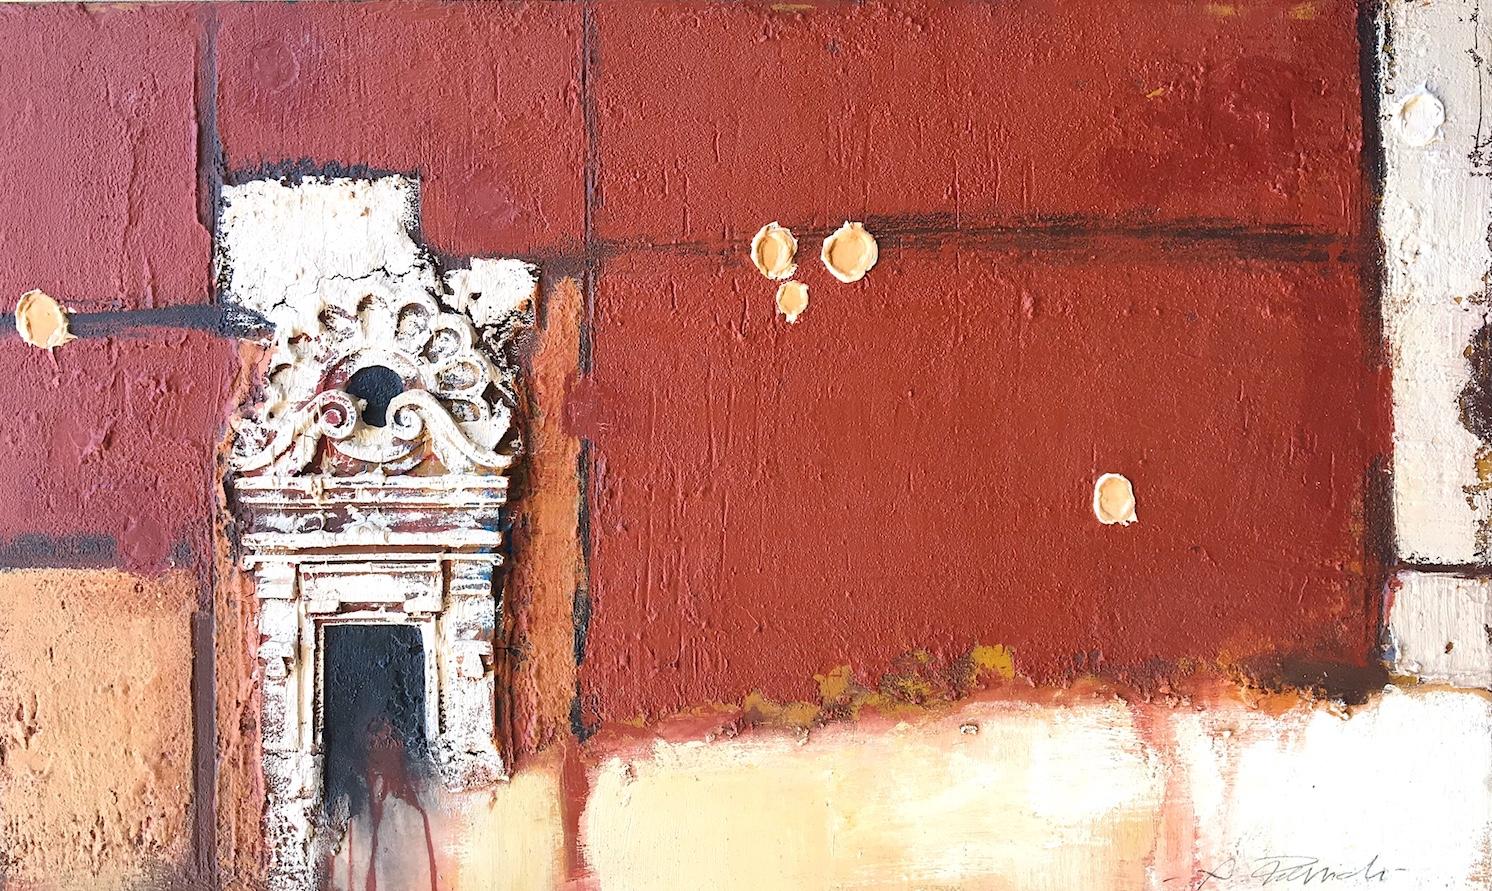 SENSI ARTE, Architettura ocra e rosso, pittoscultura su tavola, cm 100 x 60_RGGA_100